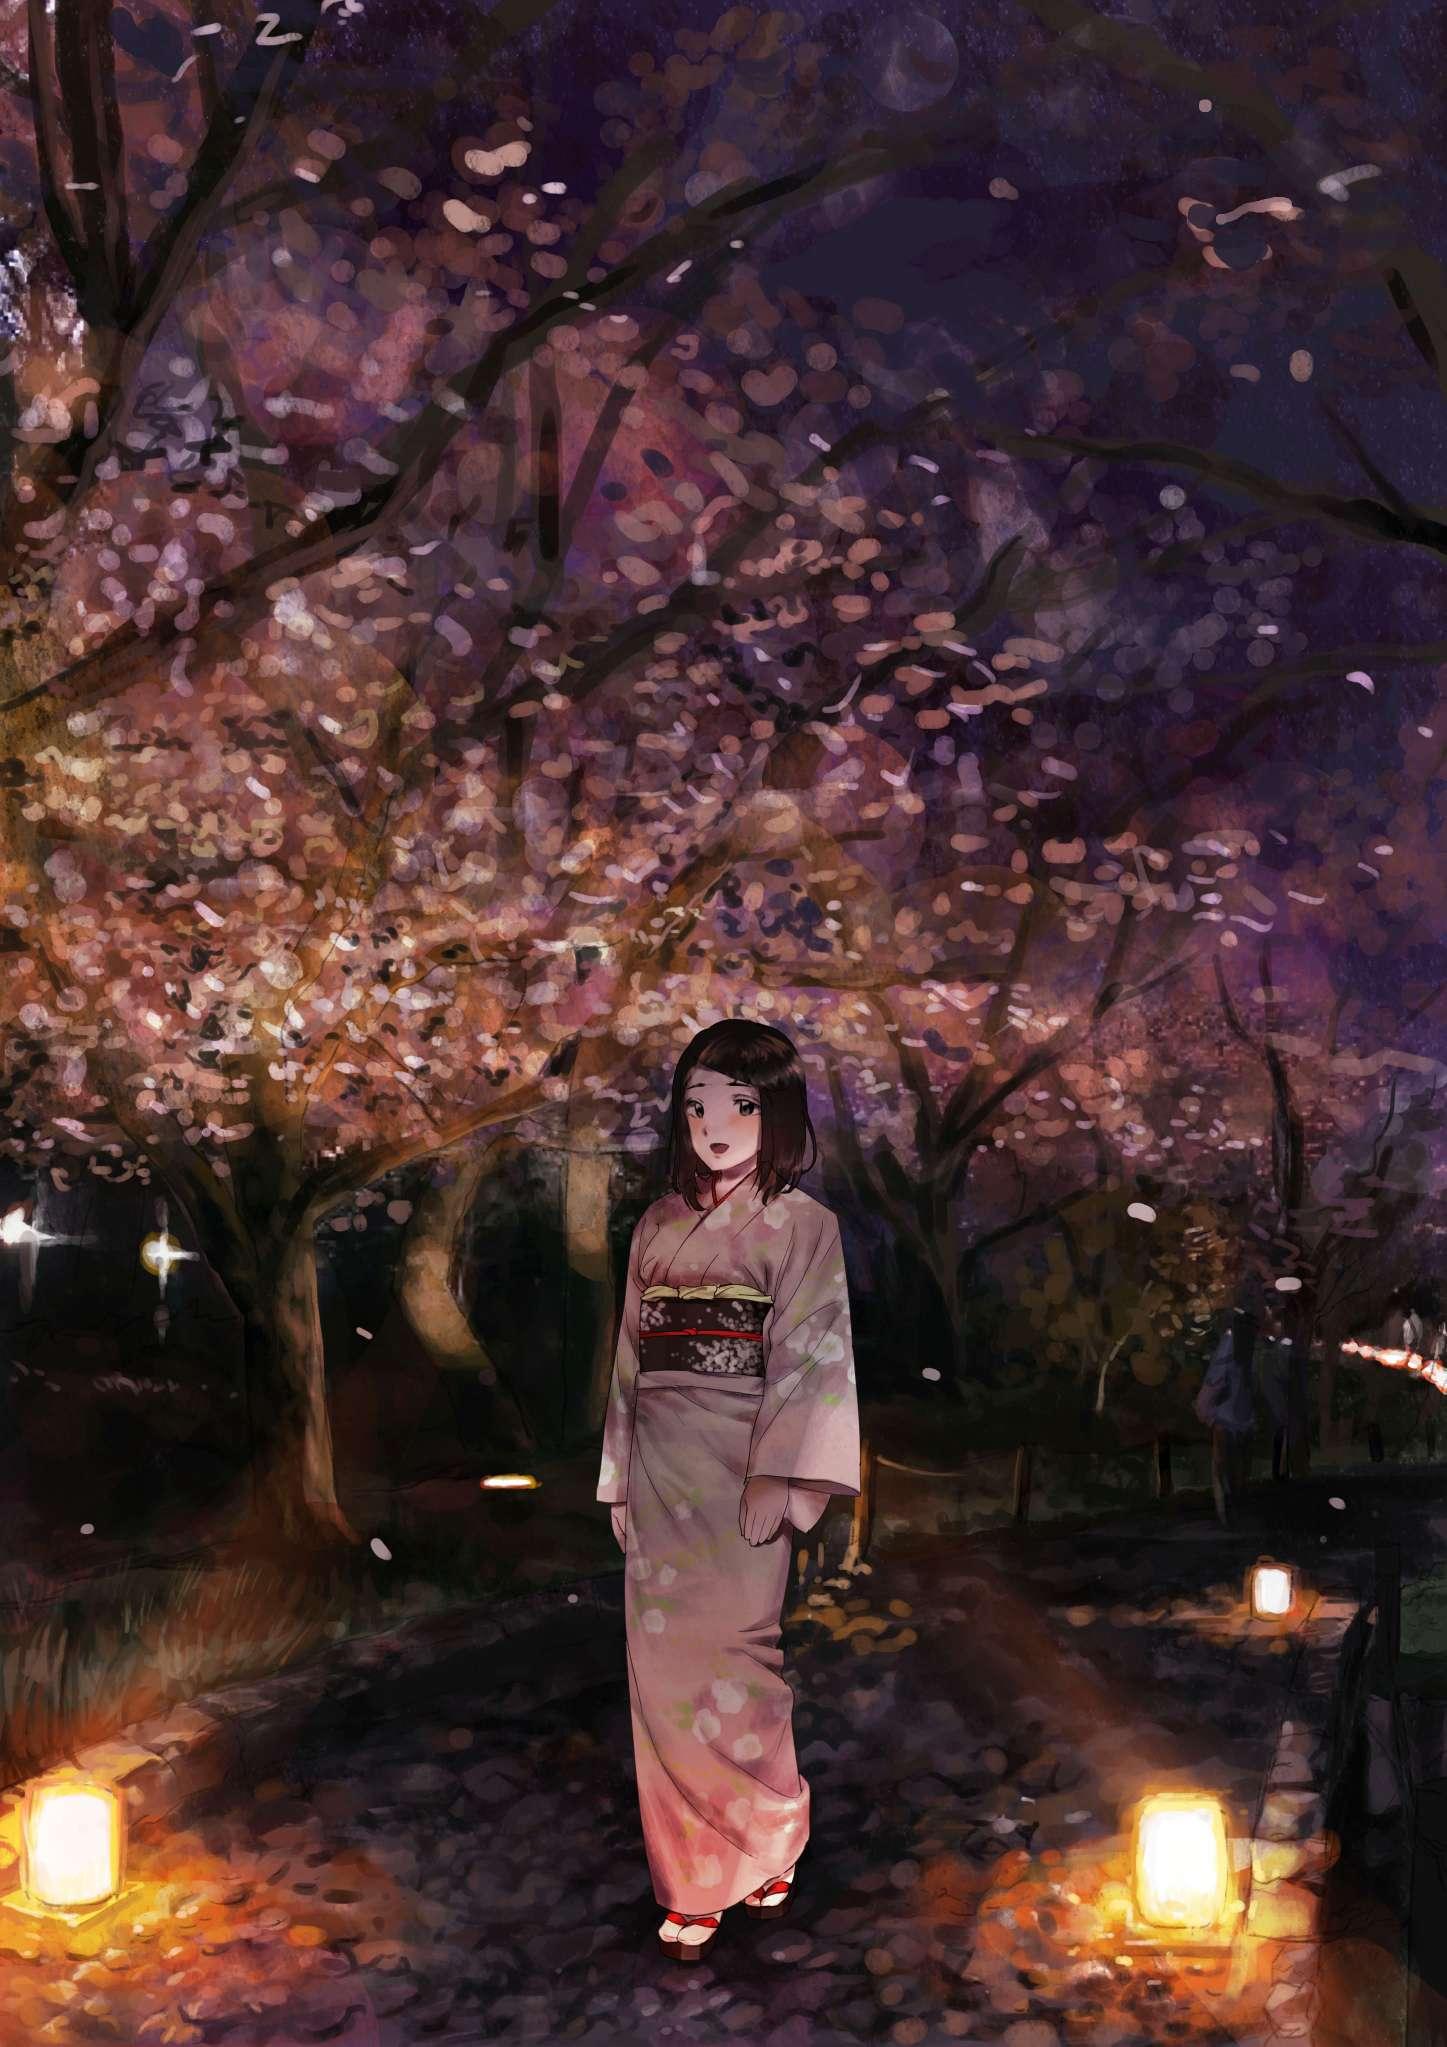 【美图】晚上了,艺术机构合作协议-小柚妹站